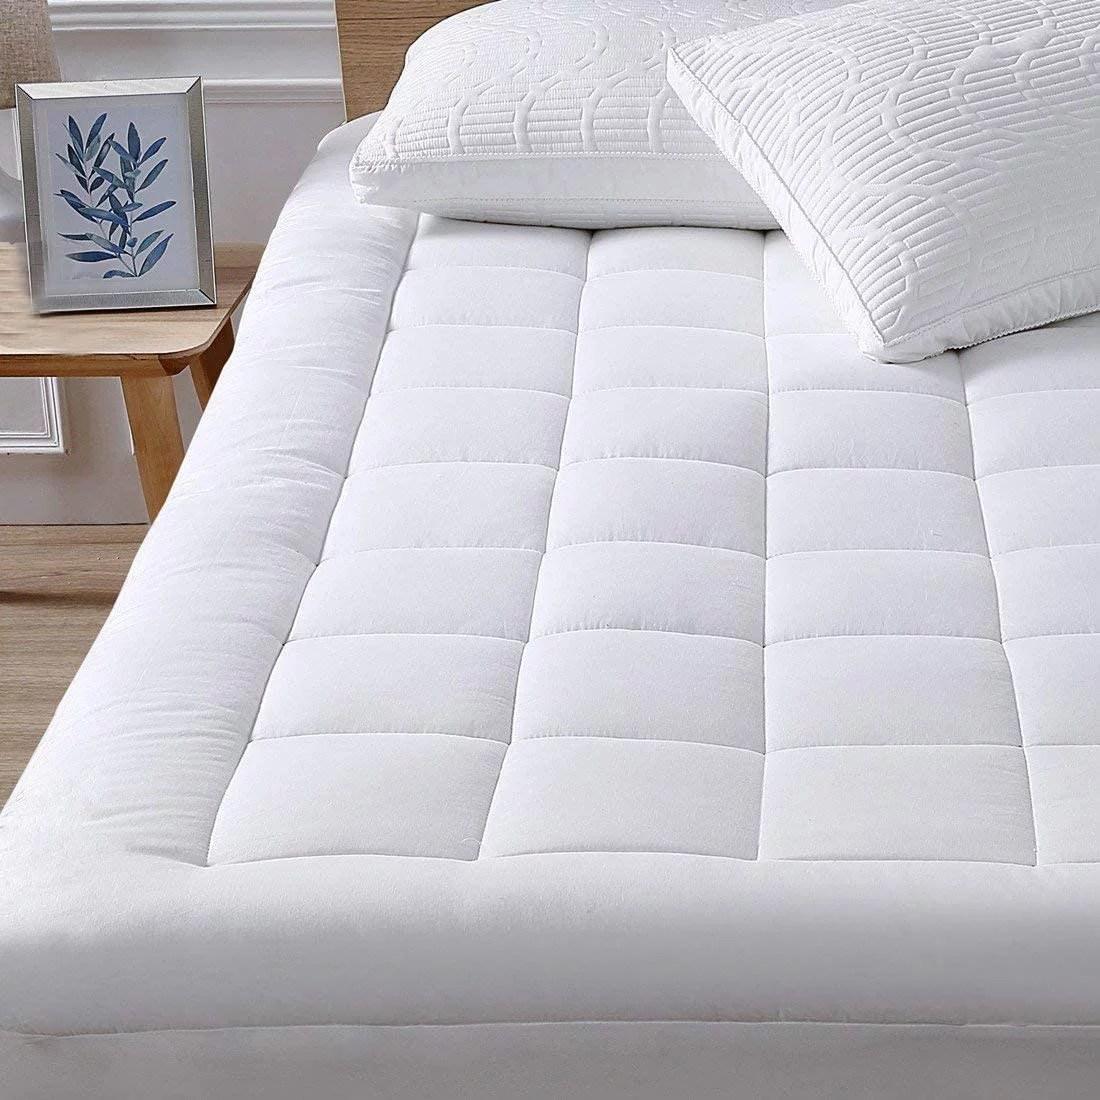 pillow top mattress pads walmart com